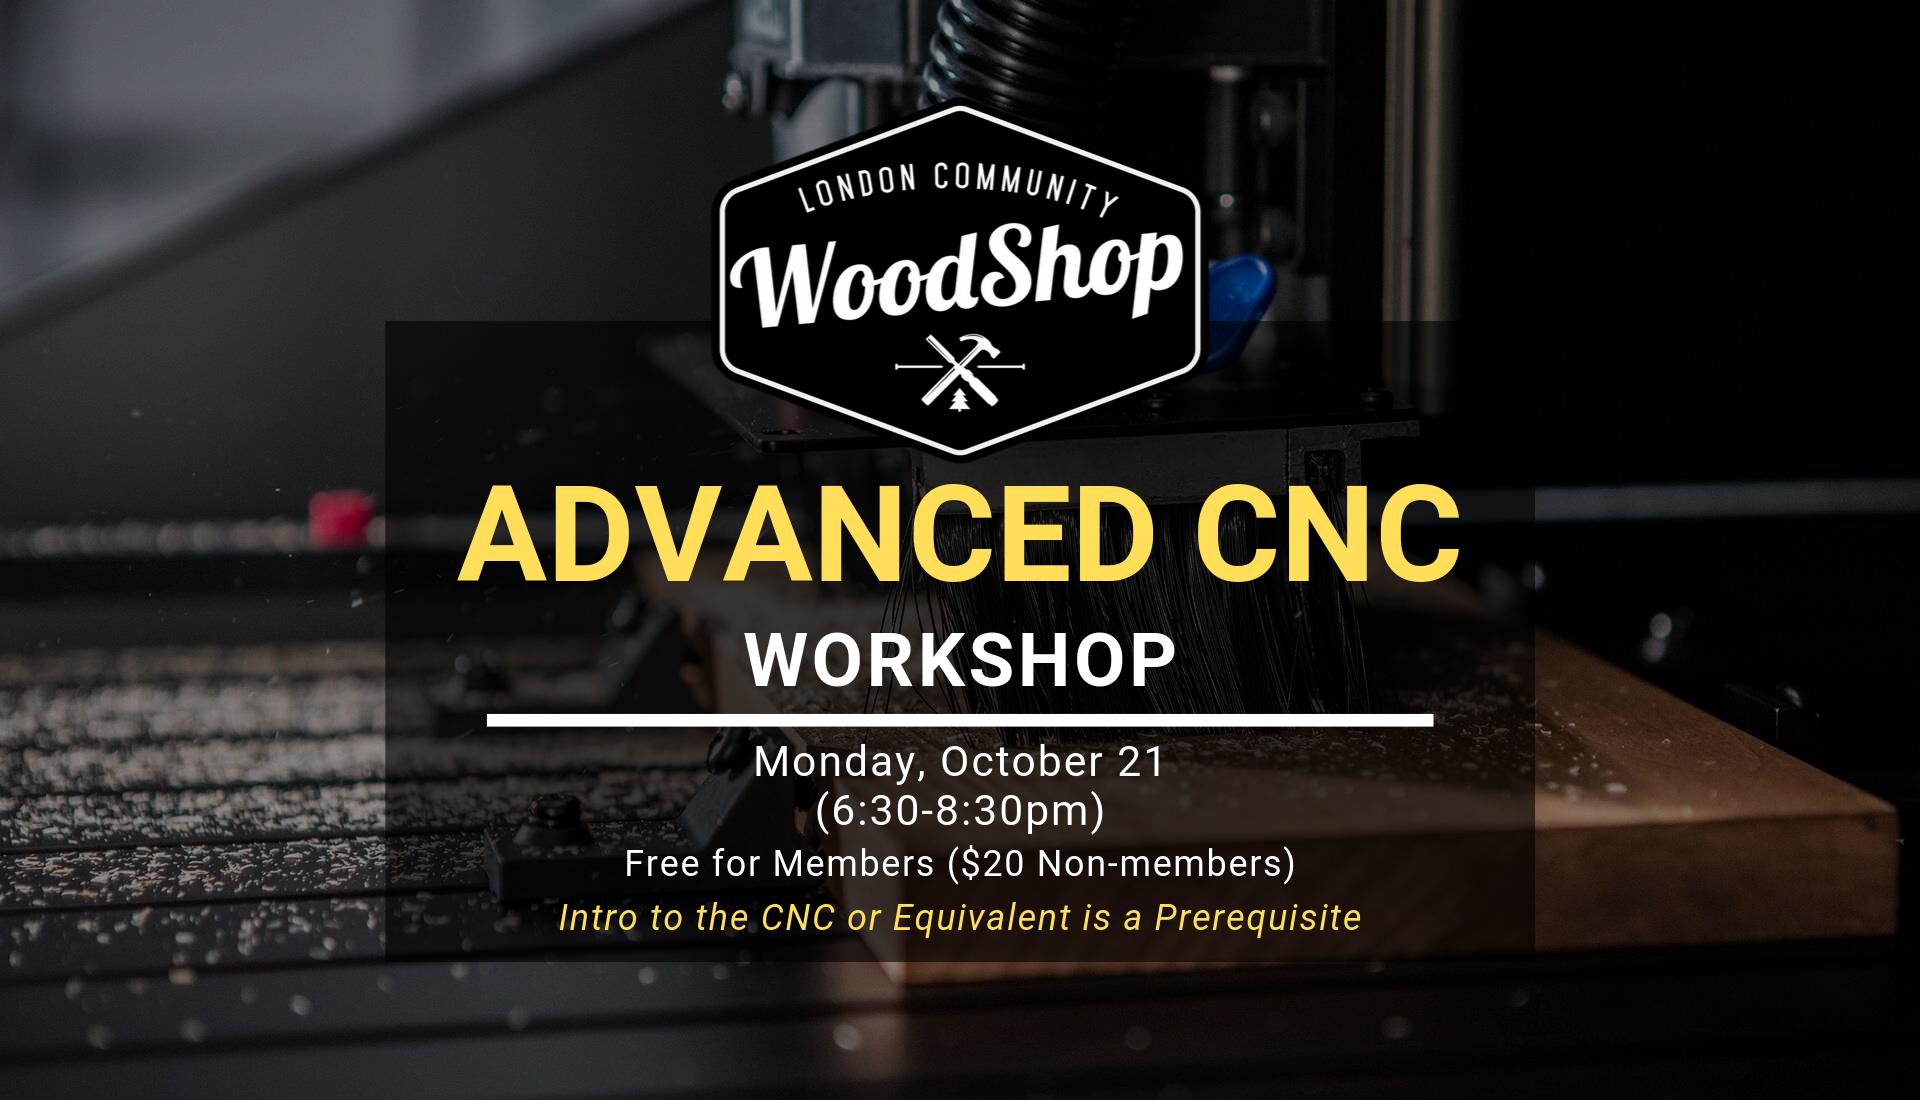 Advanced CNC October 21